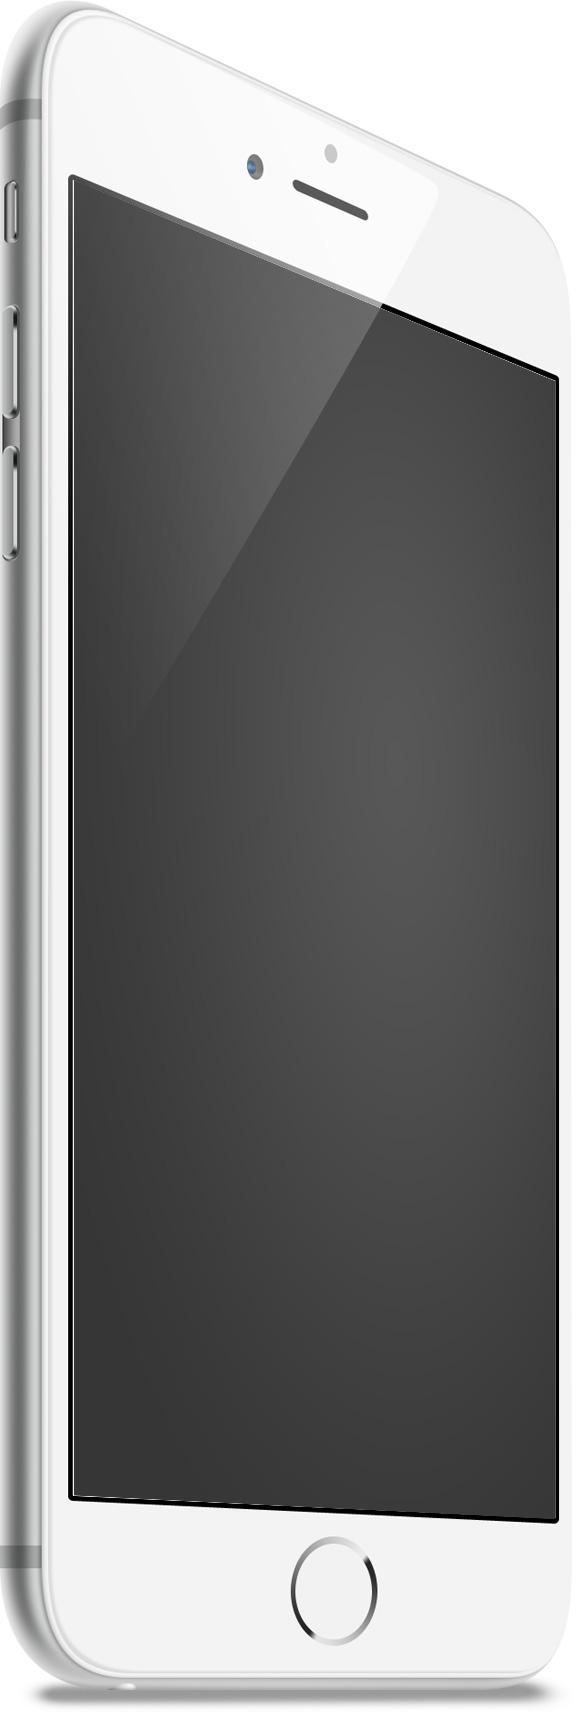 IPhone6 White Left Mockup